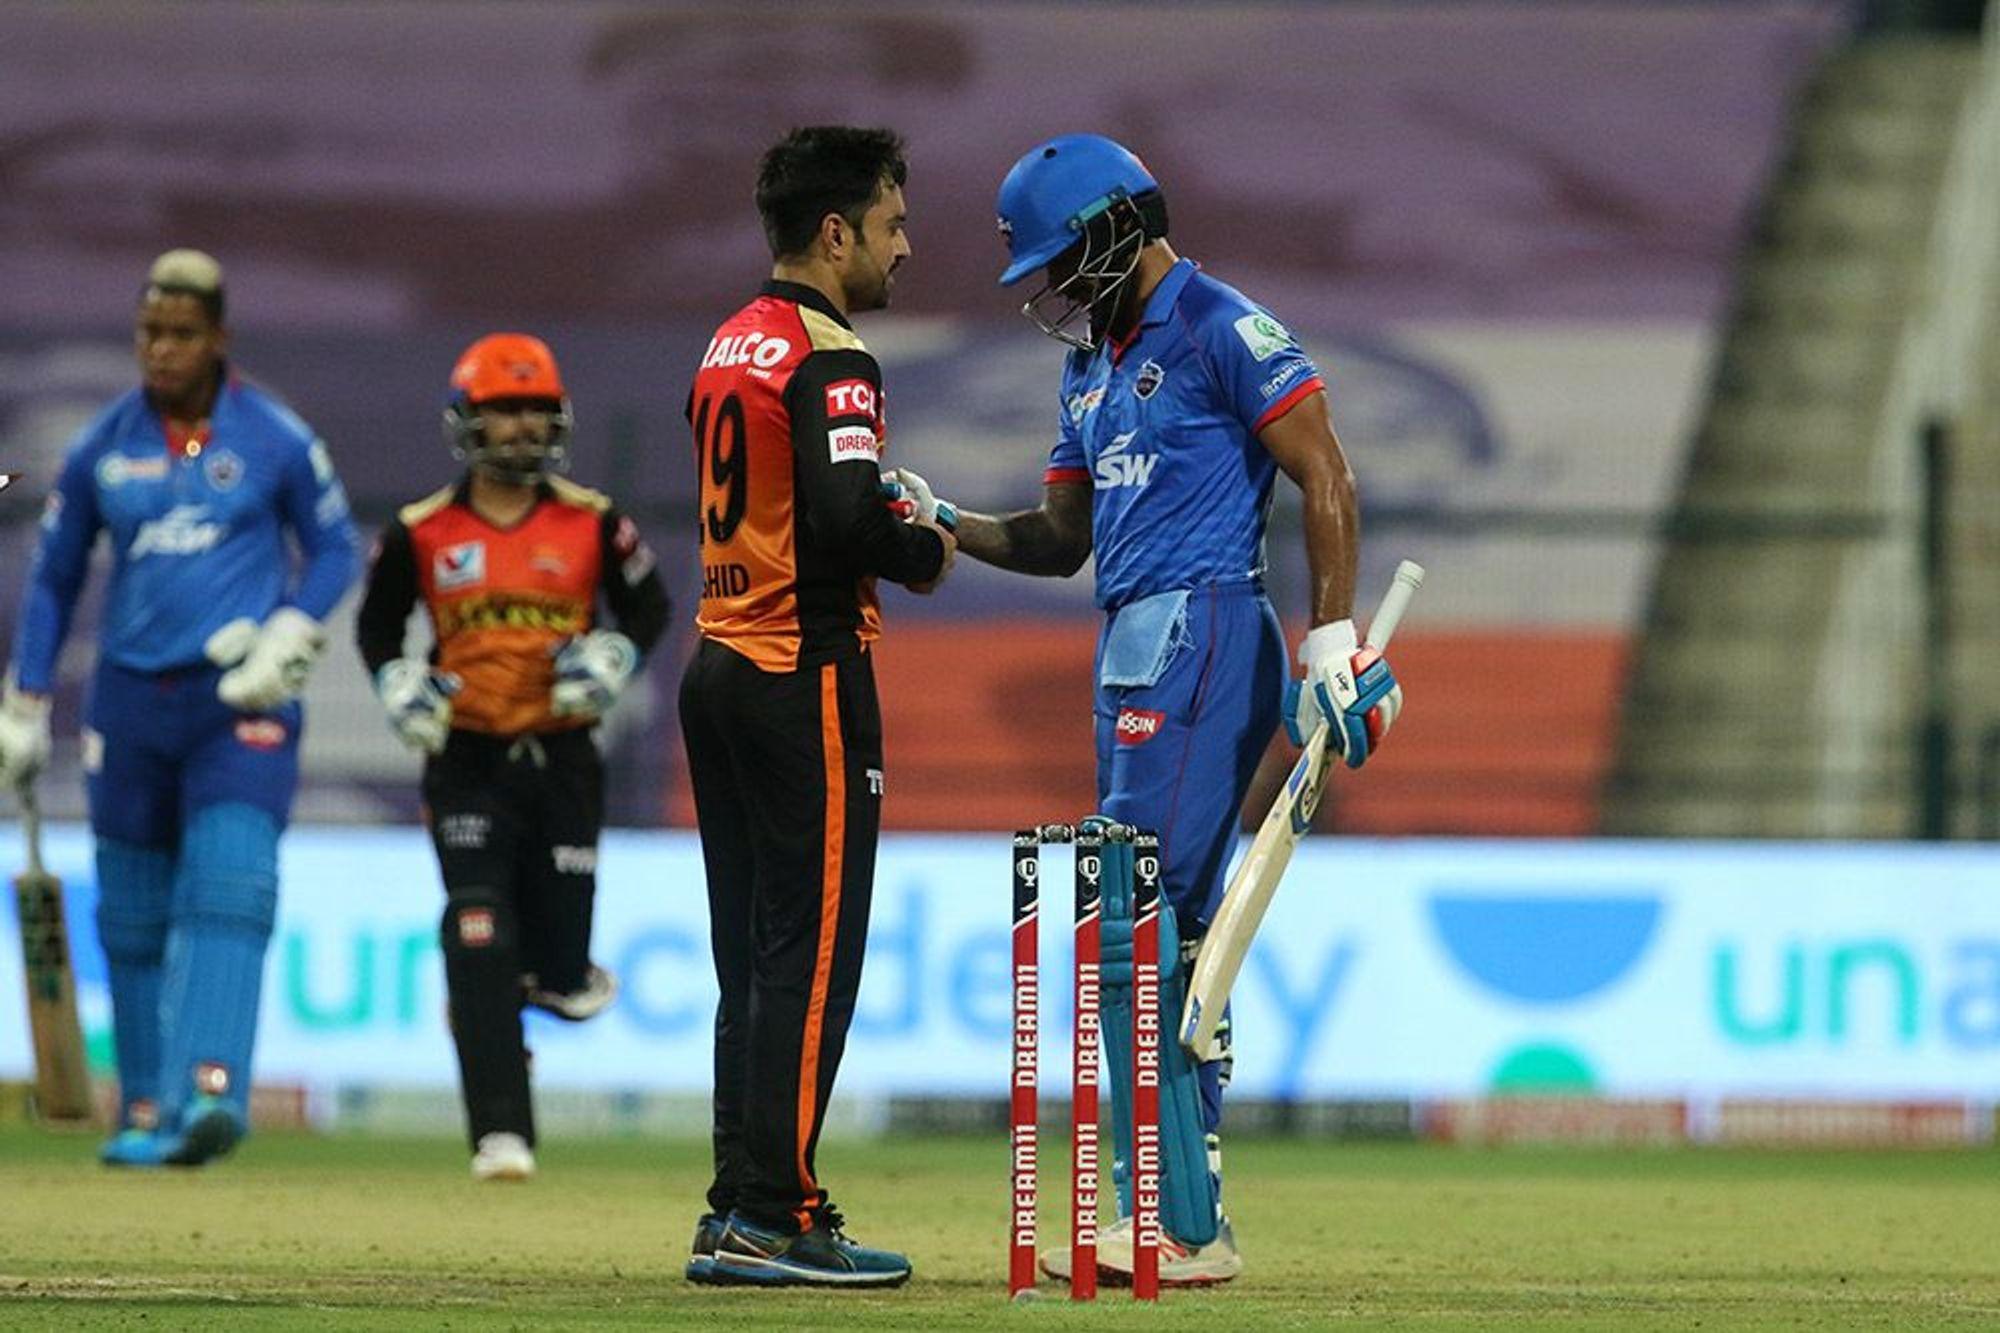 DCvsSRH, MATCH REPORT: हैदराबाद को 17 रनों से हराकर दिल्ली की टीम ने पहली बार फाइनल में बनाई जगह 2